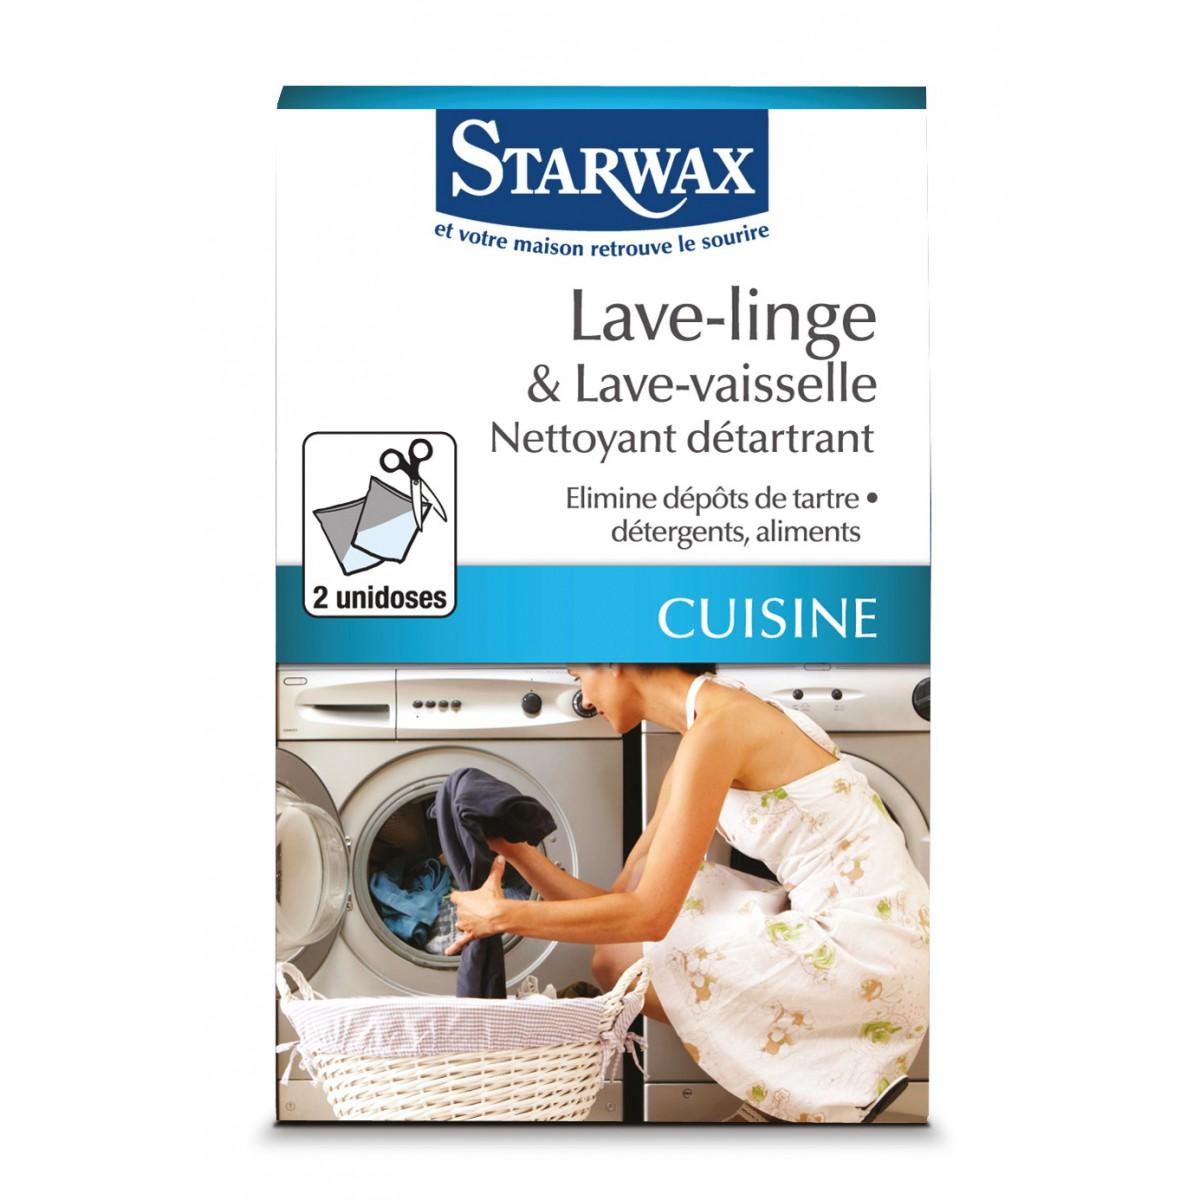 Nettoyant détartrant lave-linge & lave-vaisselle Starwax - 150 g